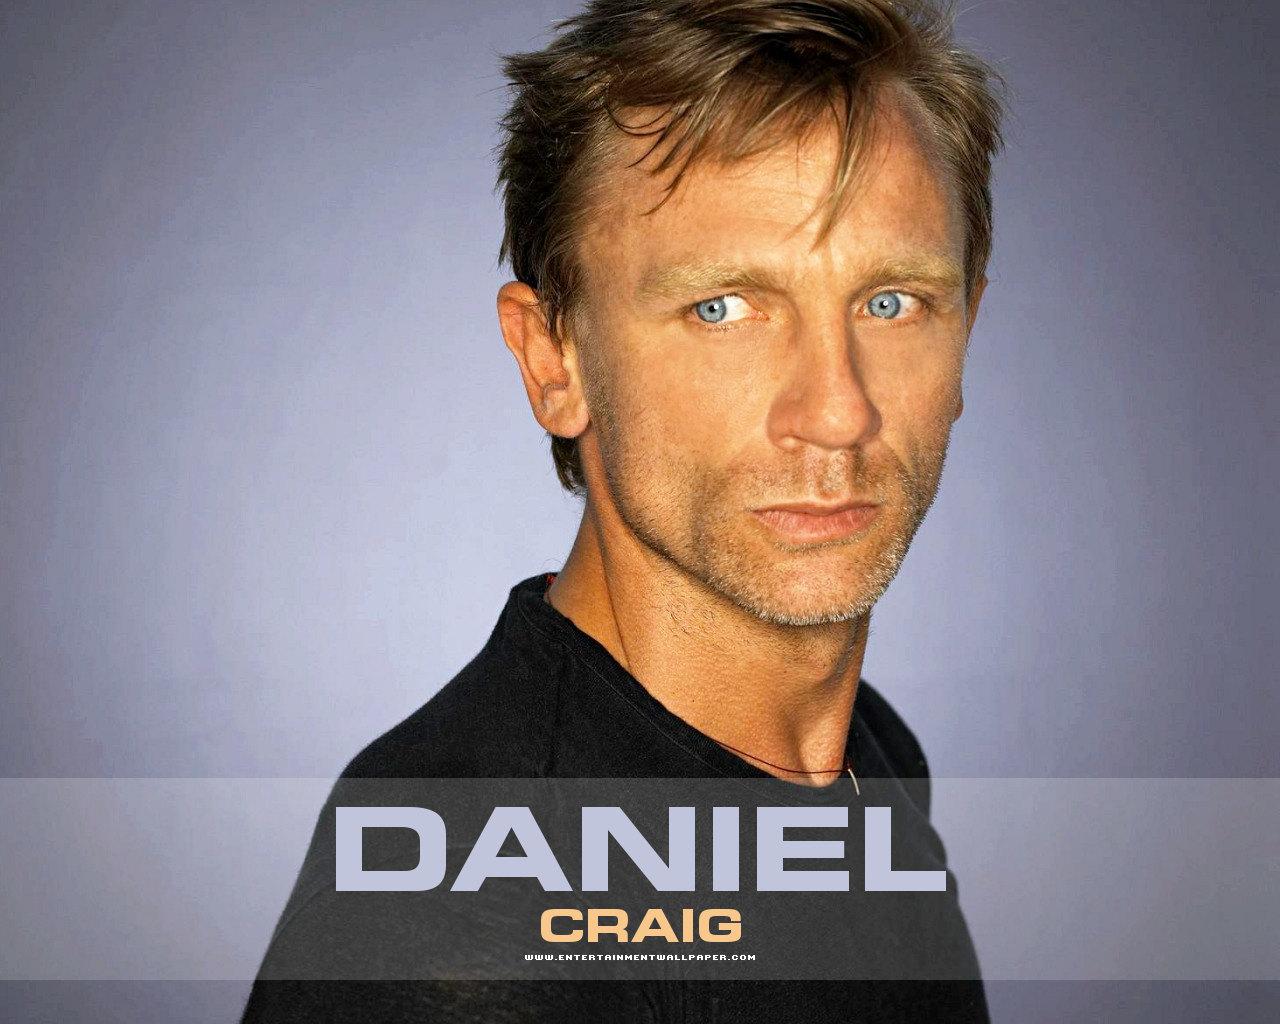 http://2.bp.blogspot.com/-gqbNUE7IbAM/TvvmQKBw_UI/AAAAAAAAHjg/osRi0I8HC3U/s1600/Foto-Foto-Daniel-Craig-33.jpg